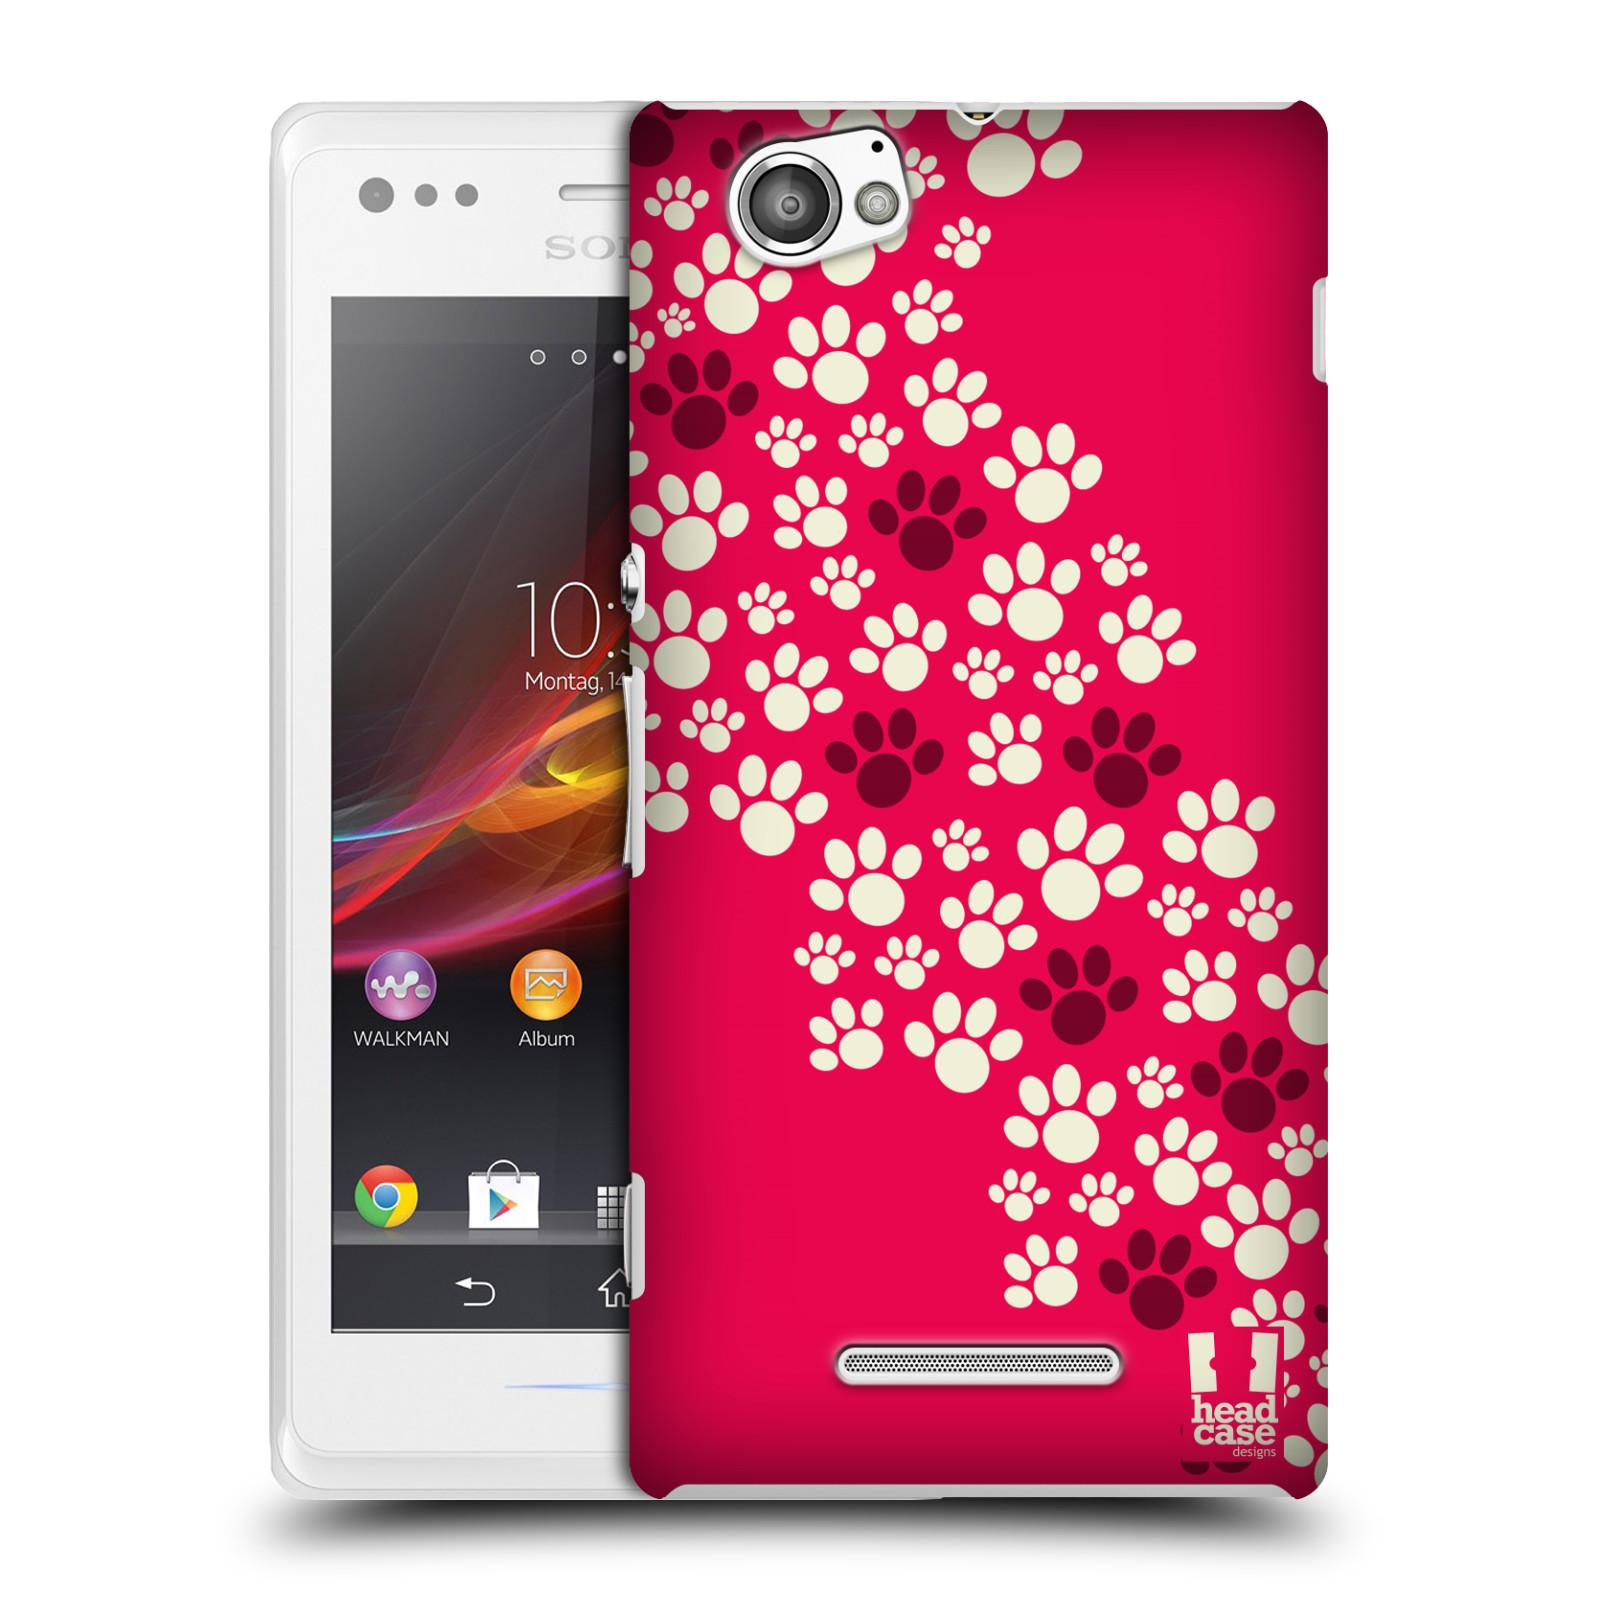 Plastové pouzdro na mobil Sony Xperia M C1905 HEAD CASE TLAPKY RŮŽOVÉ (Kryt či obal na mobilní telefon Sony Xperia M a M Dual)